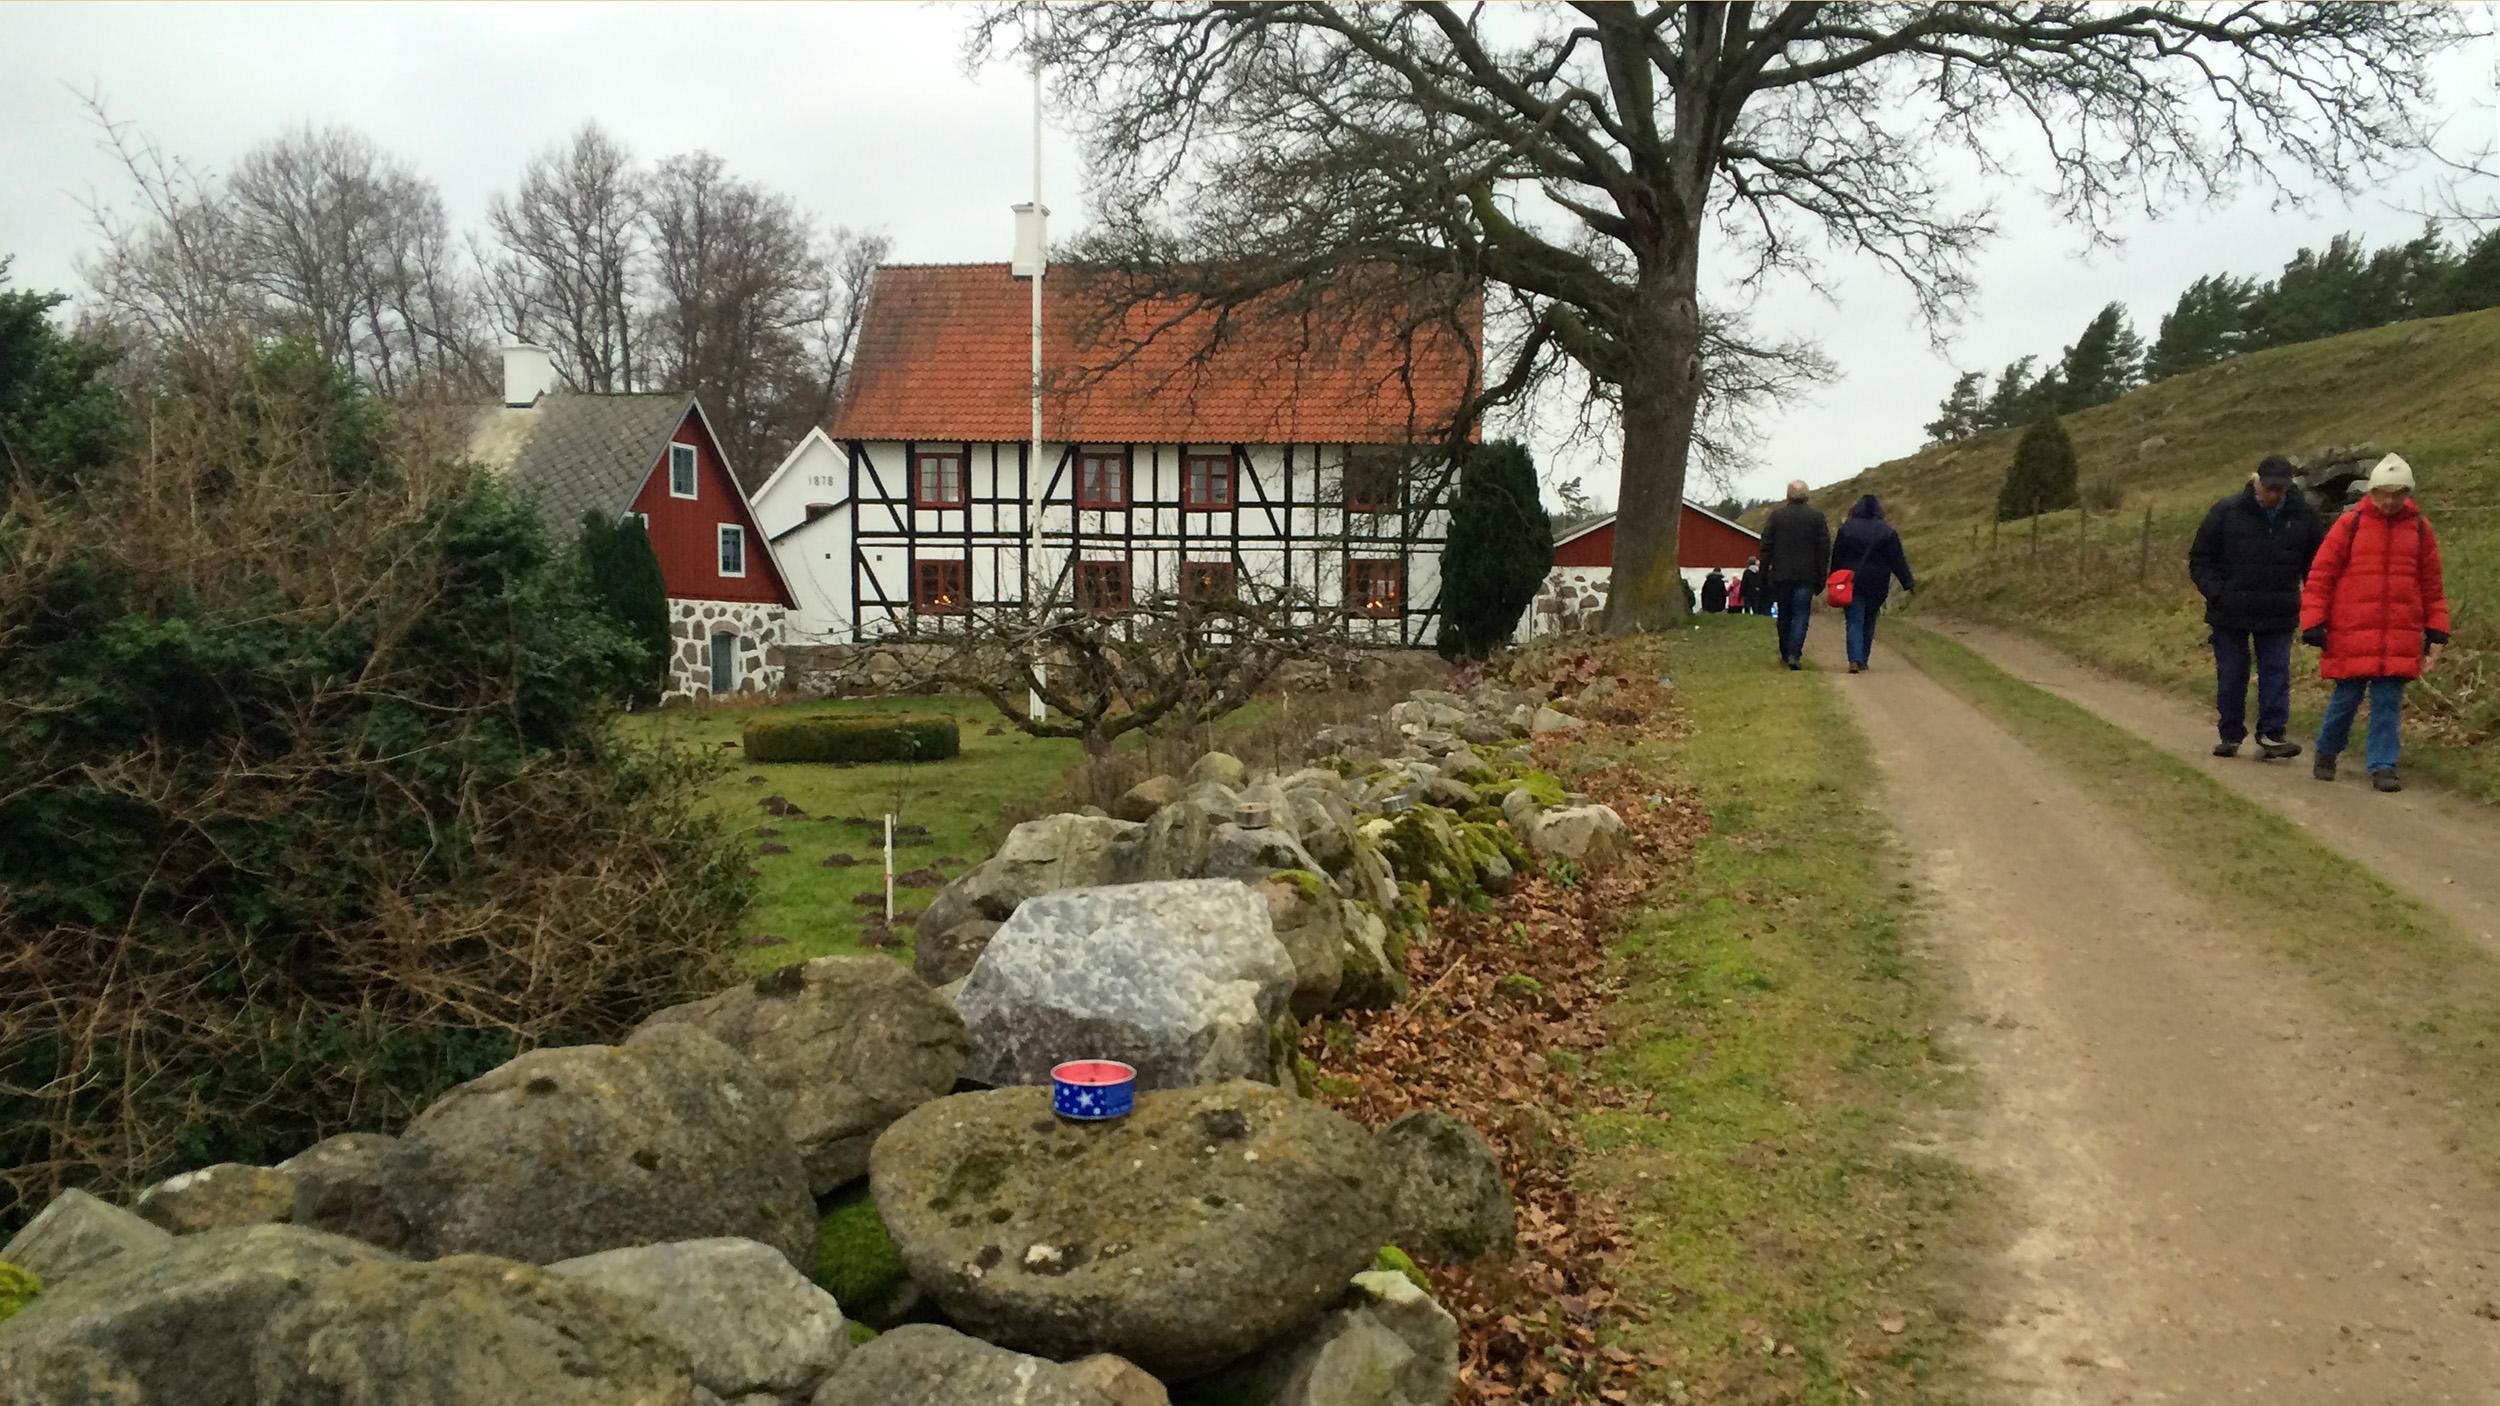 Bengtemölla gård ligger vackert insprängd mellan Brösarps böljande backar och den brusande Verkeån. Läget i sig själv är värt ett besök på Brösarps Byagilles julstök.